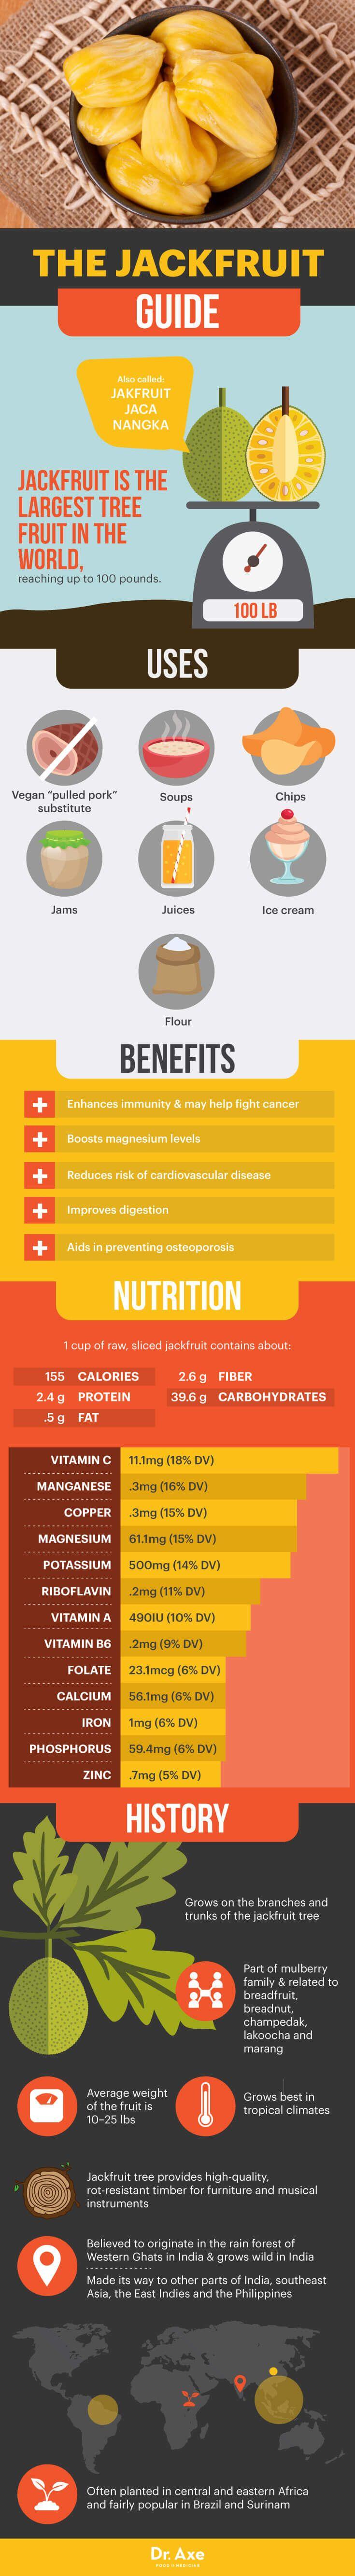 What Is Jackfruit? 5 Jackfruit Benefits & Jackfruit Recipes - Dr. Axe